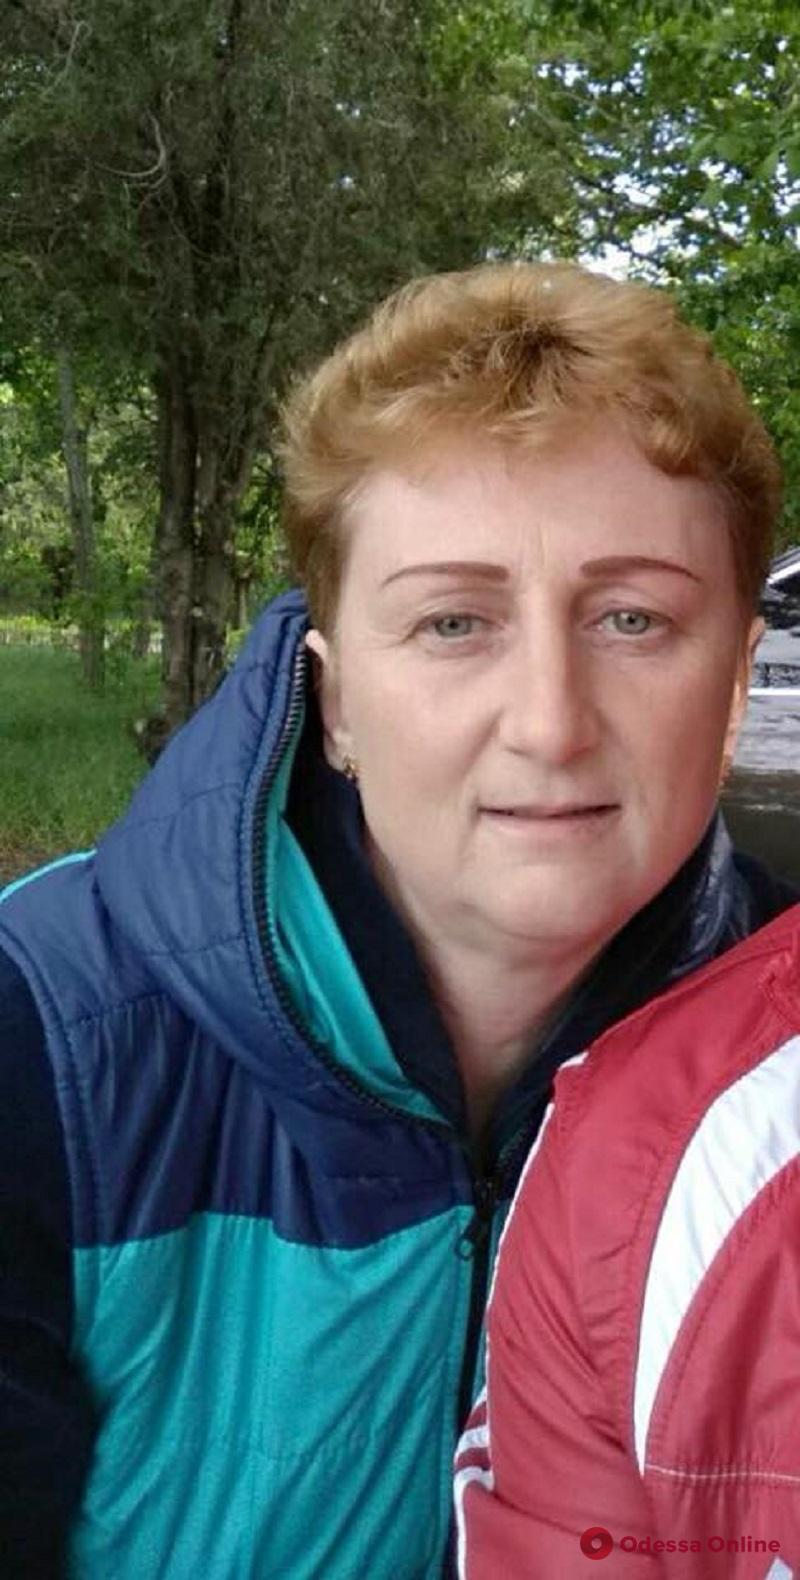 Убийство в Сергеевке: женщину убил сосед, не захотев отдавать долг